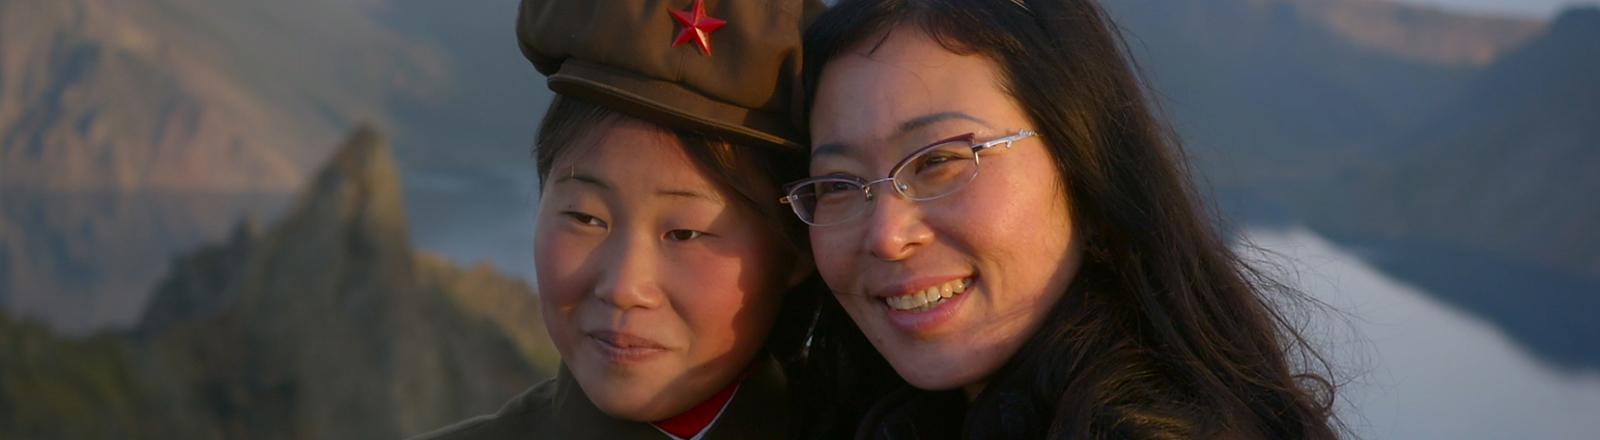 Zwei Frauen - eine davon in Uniform